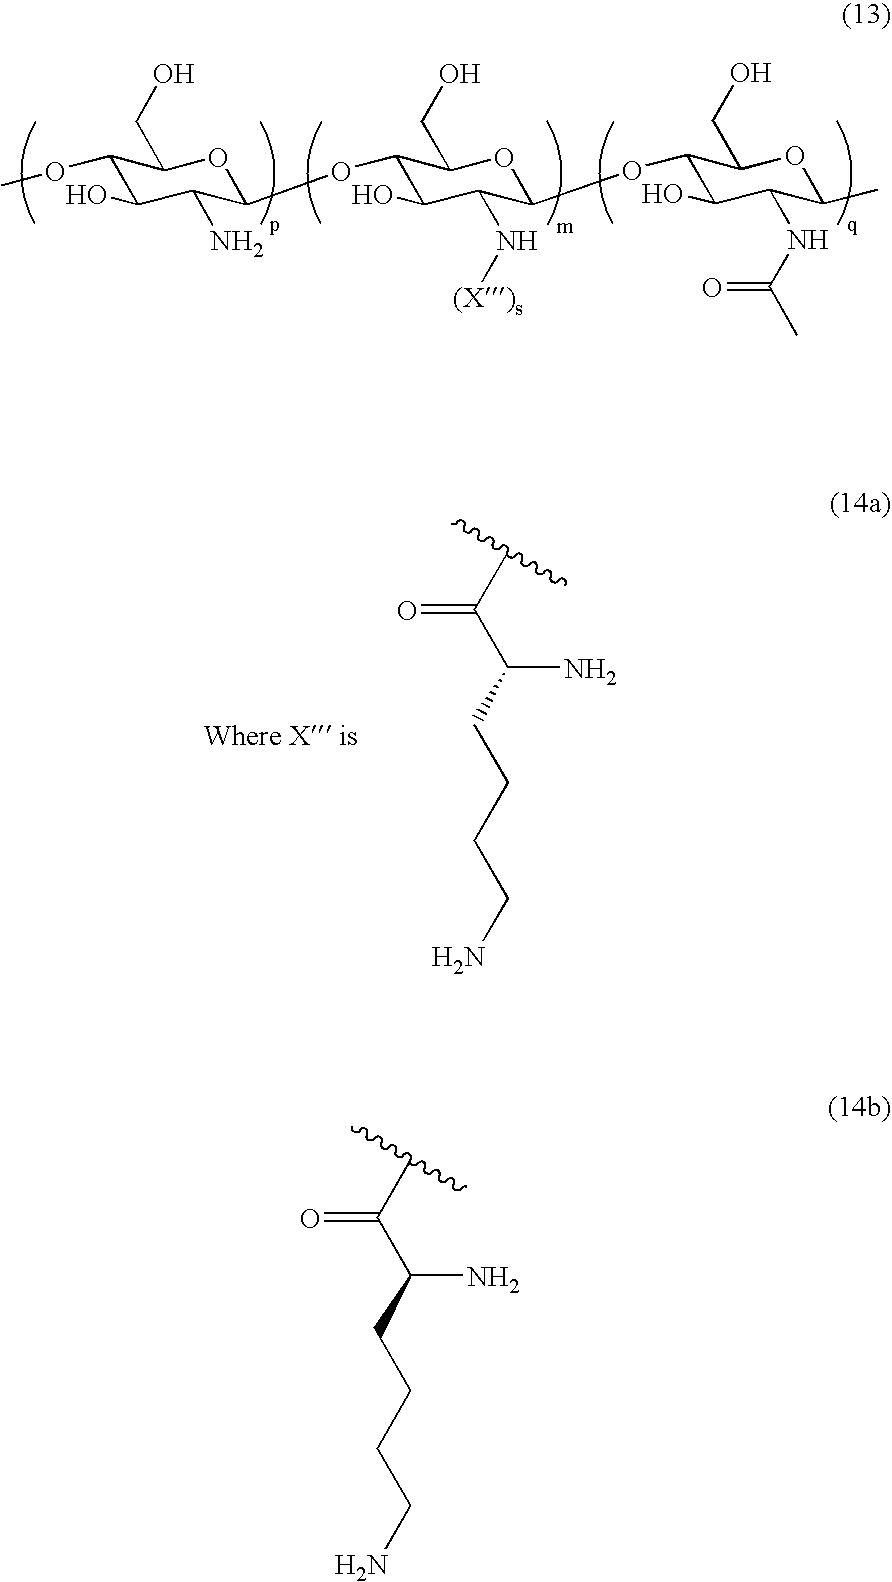 Figure US20070281904A1-20071206-C00007